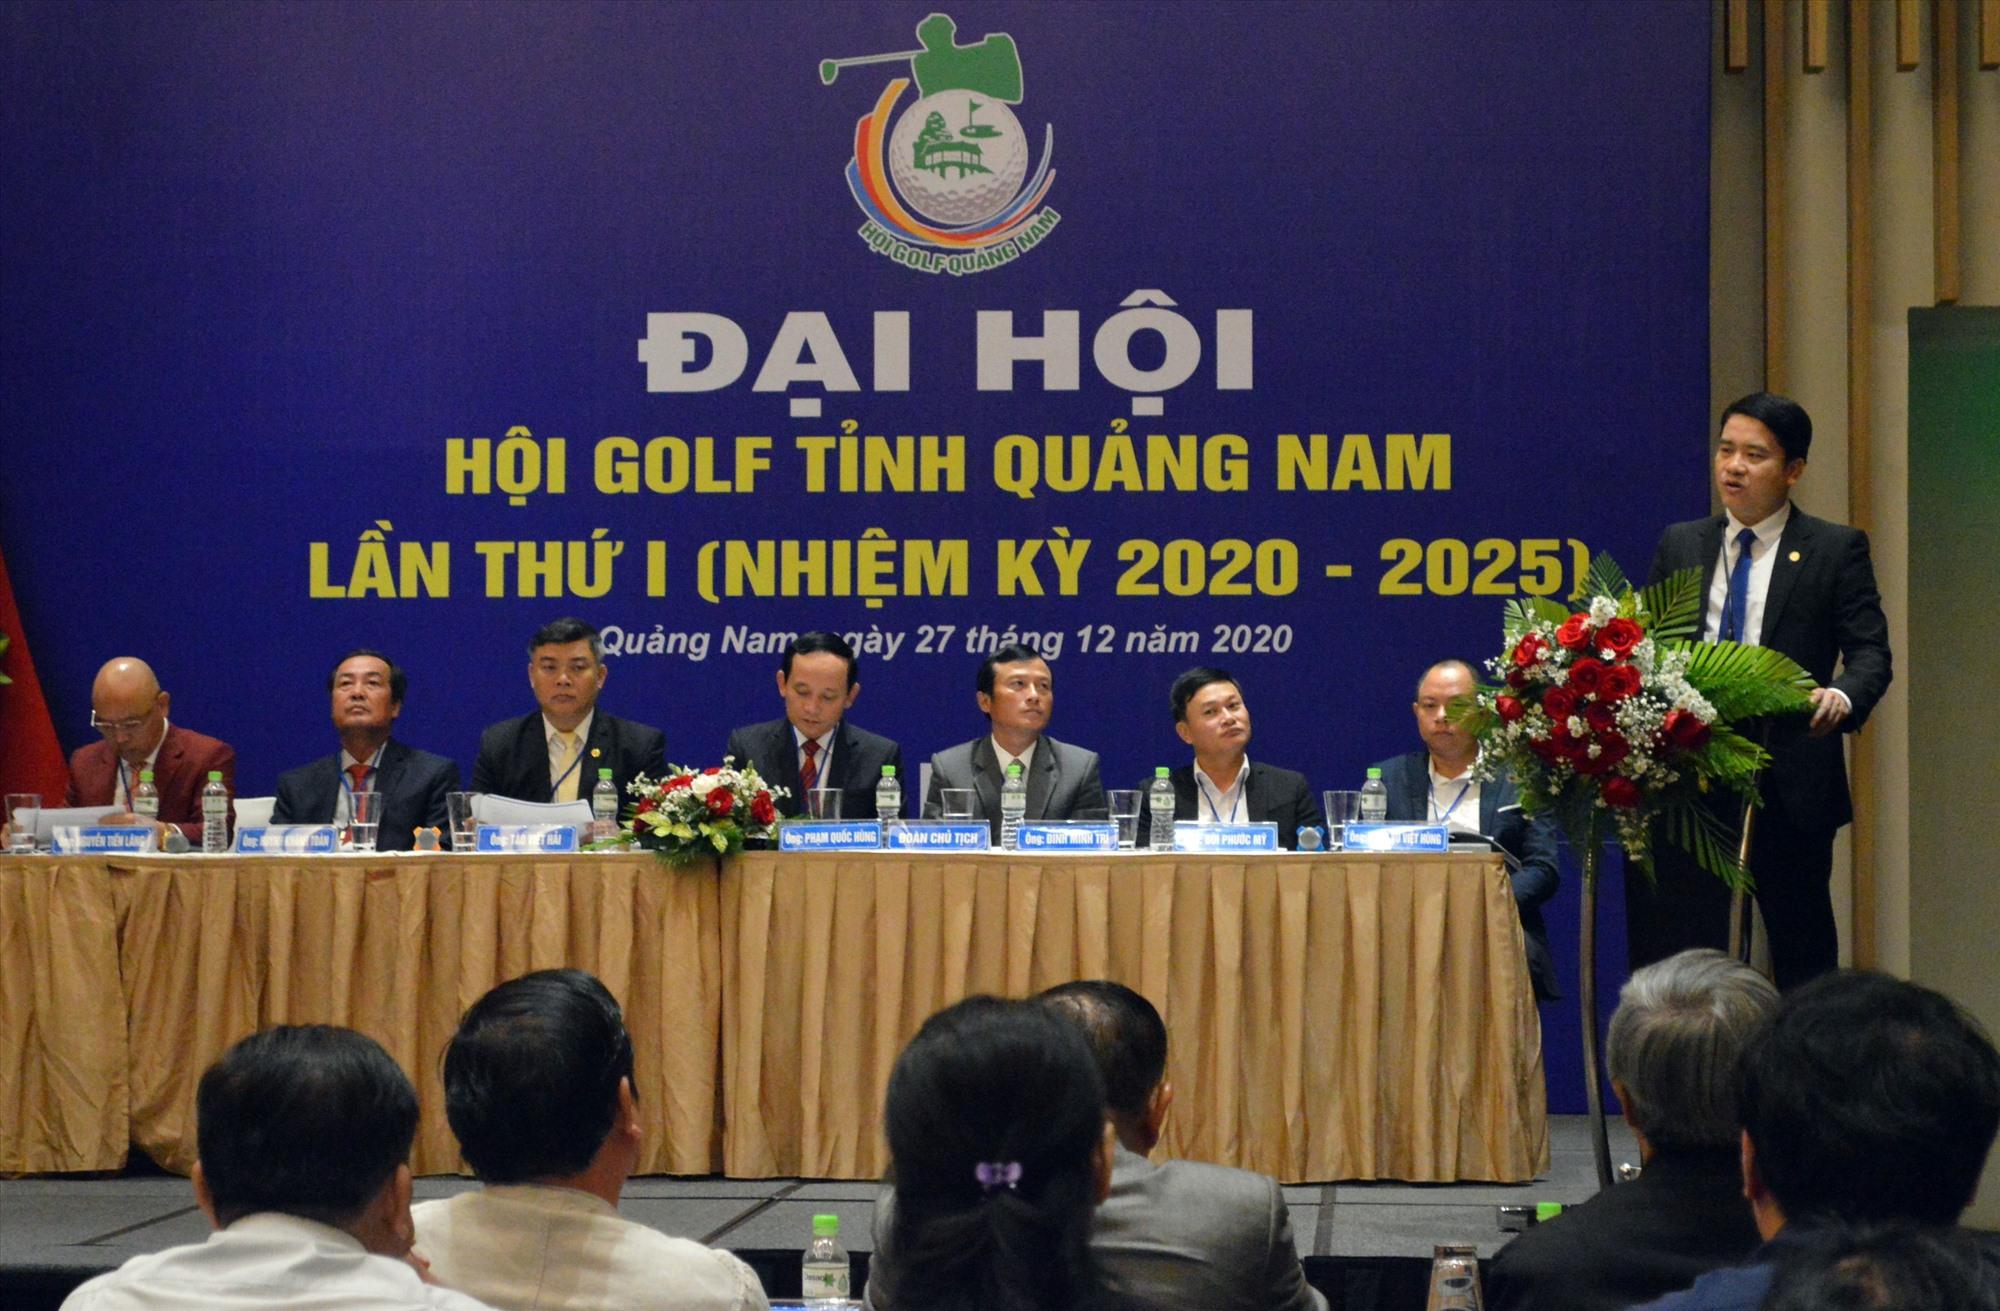 Phó Chủ tịch UBND tỉnh Trần Văn Tân phát biểu chỉ đạo Đại hội